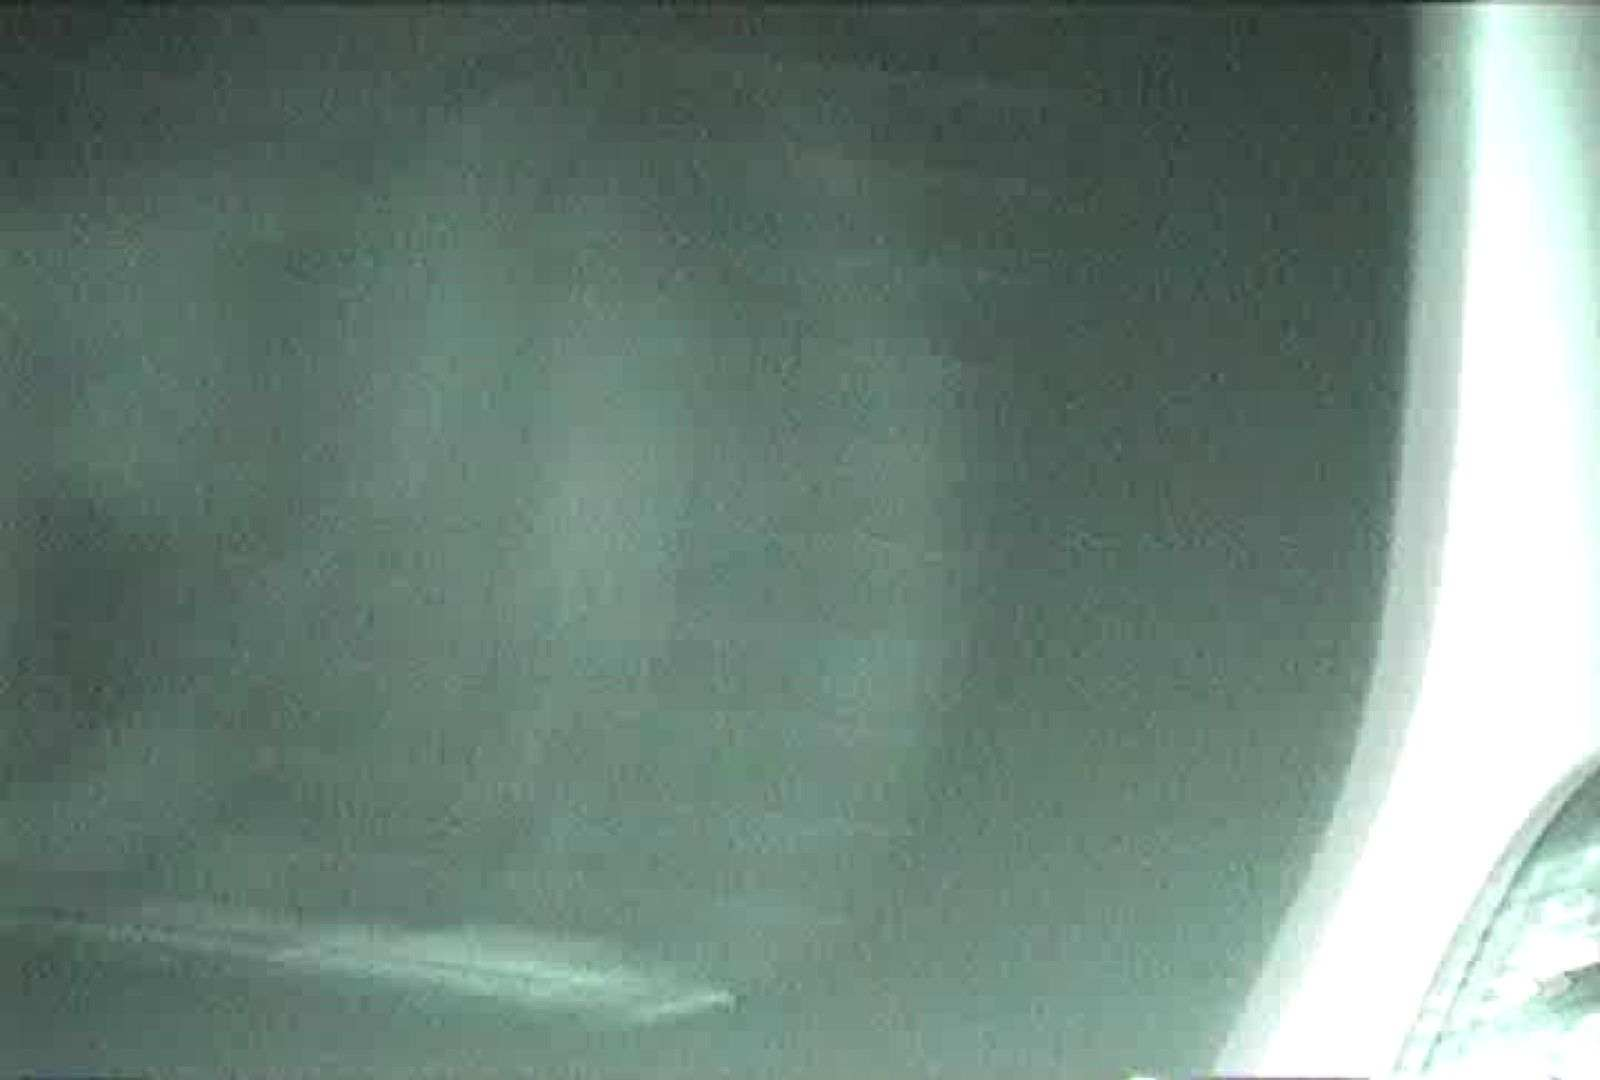 充血監督の深夜の運動会Vol.87 マンコ | OLの実態  91pic 71